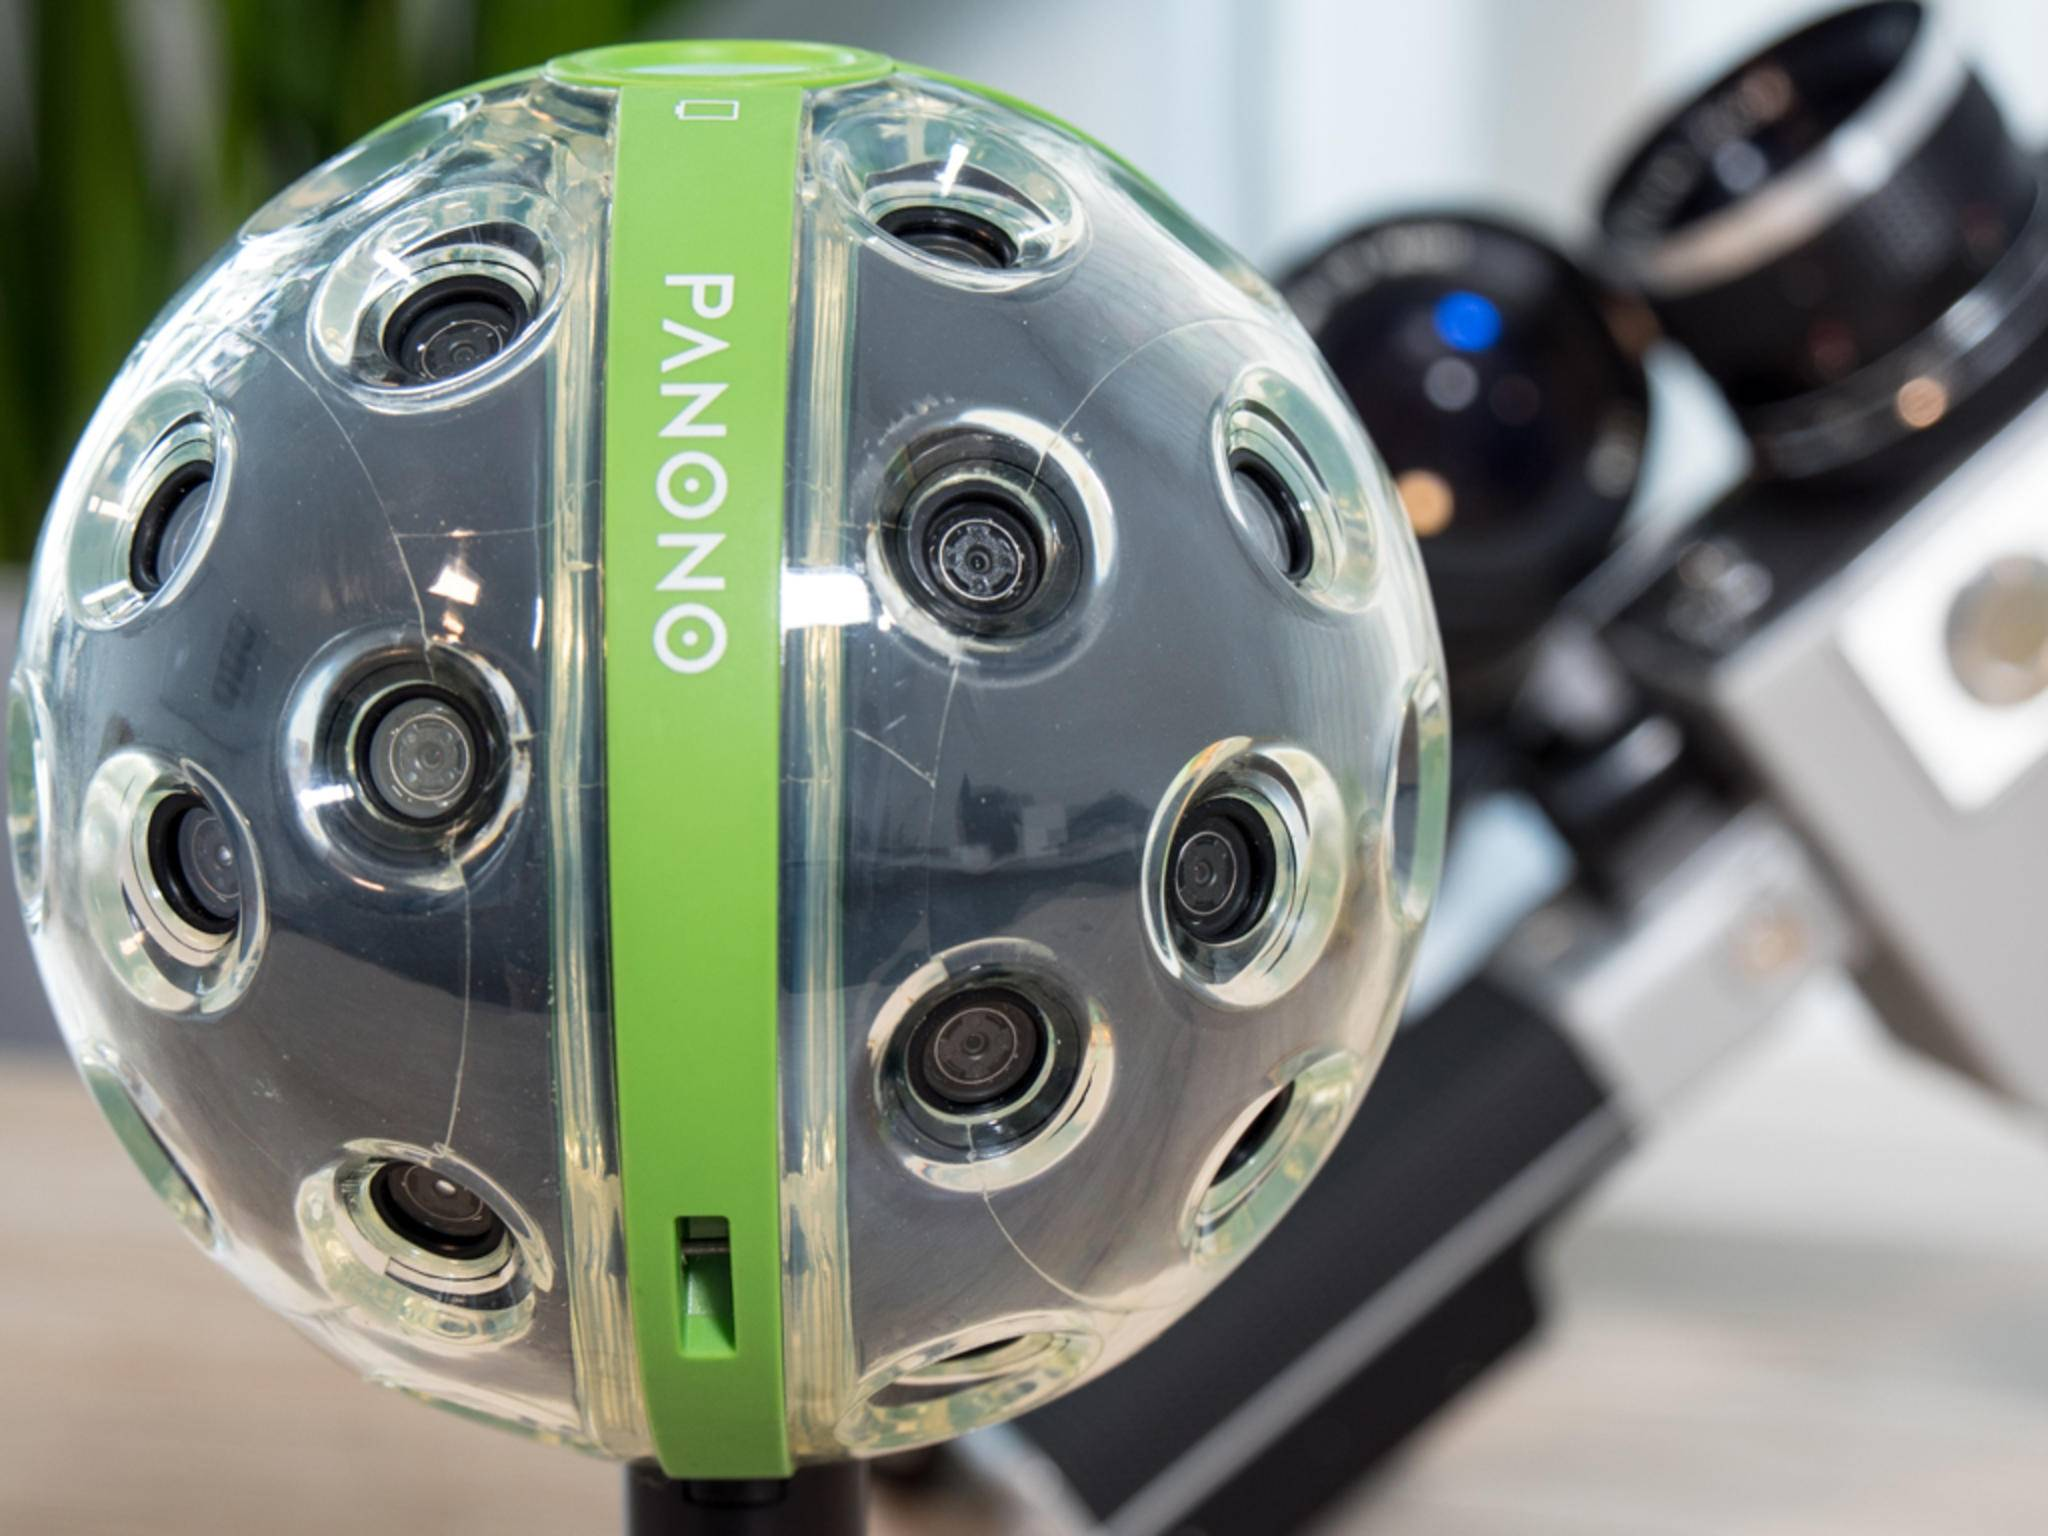 Rund um den Ball sind 36 Kameralinsen mit je 3 MP verteilt.